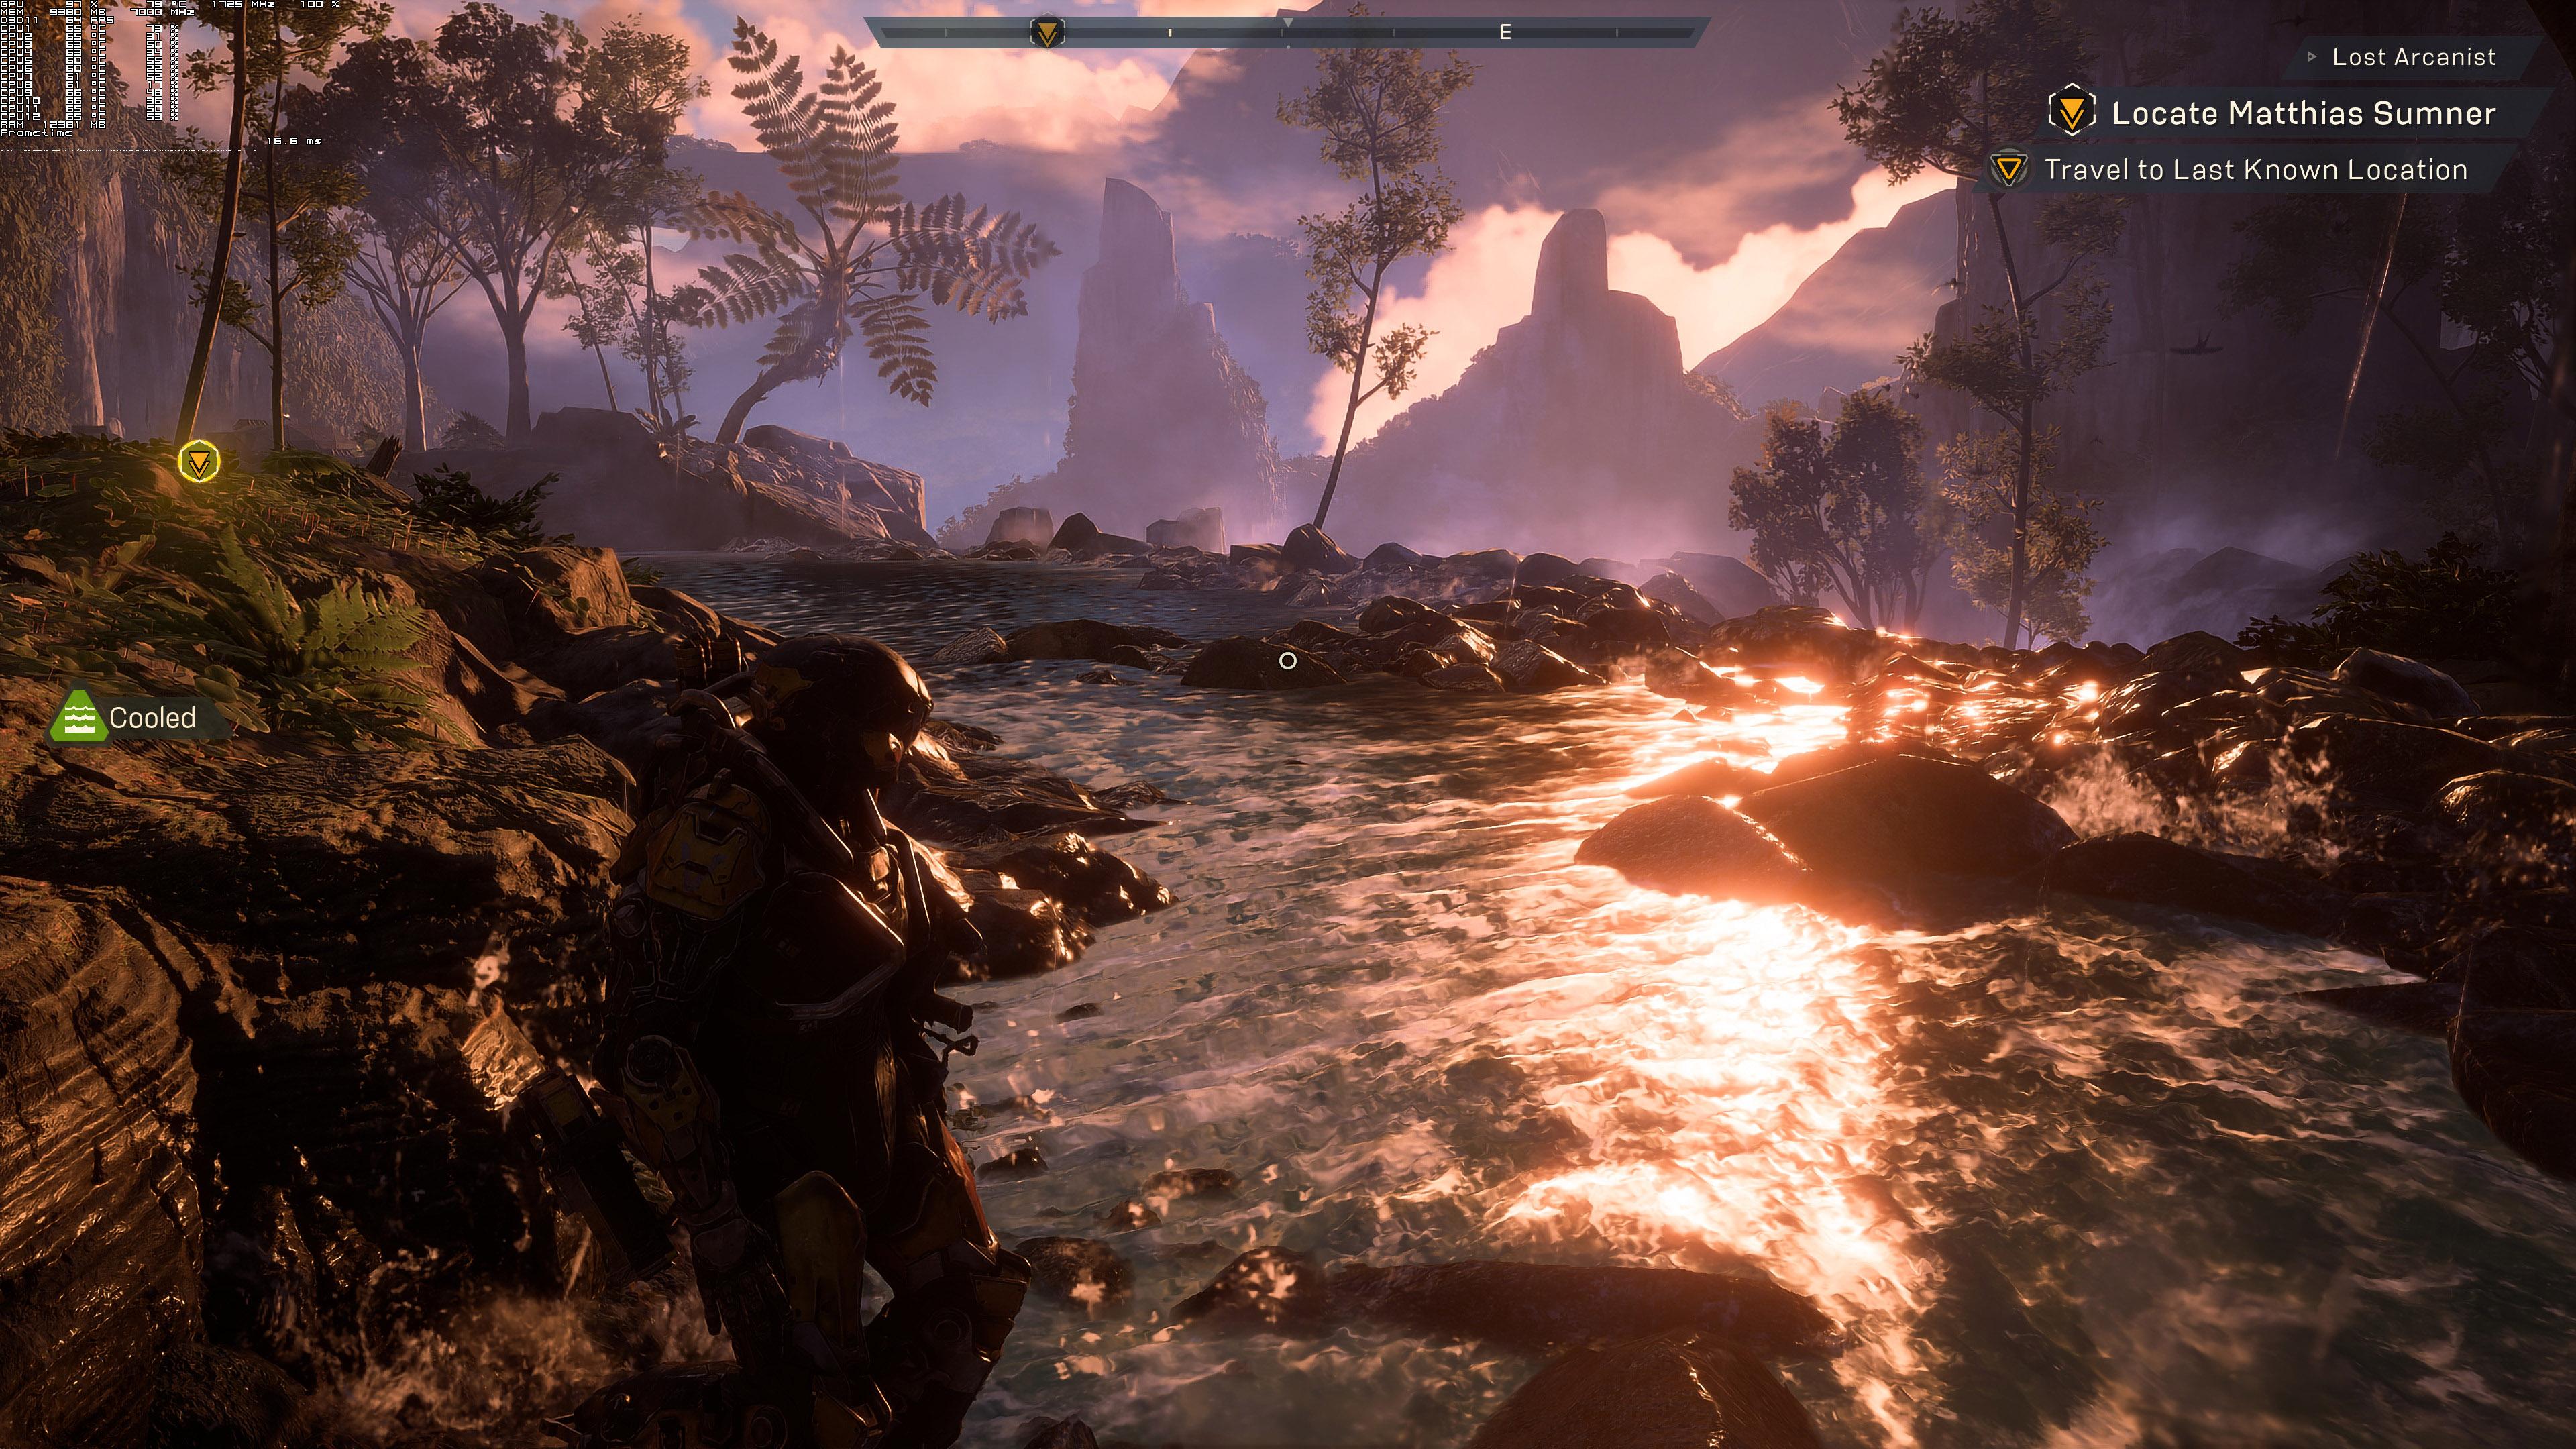 外媒:《圣歌》是目前DLSS实施最好的游戏 截图对比